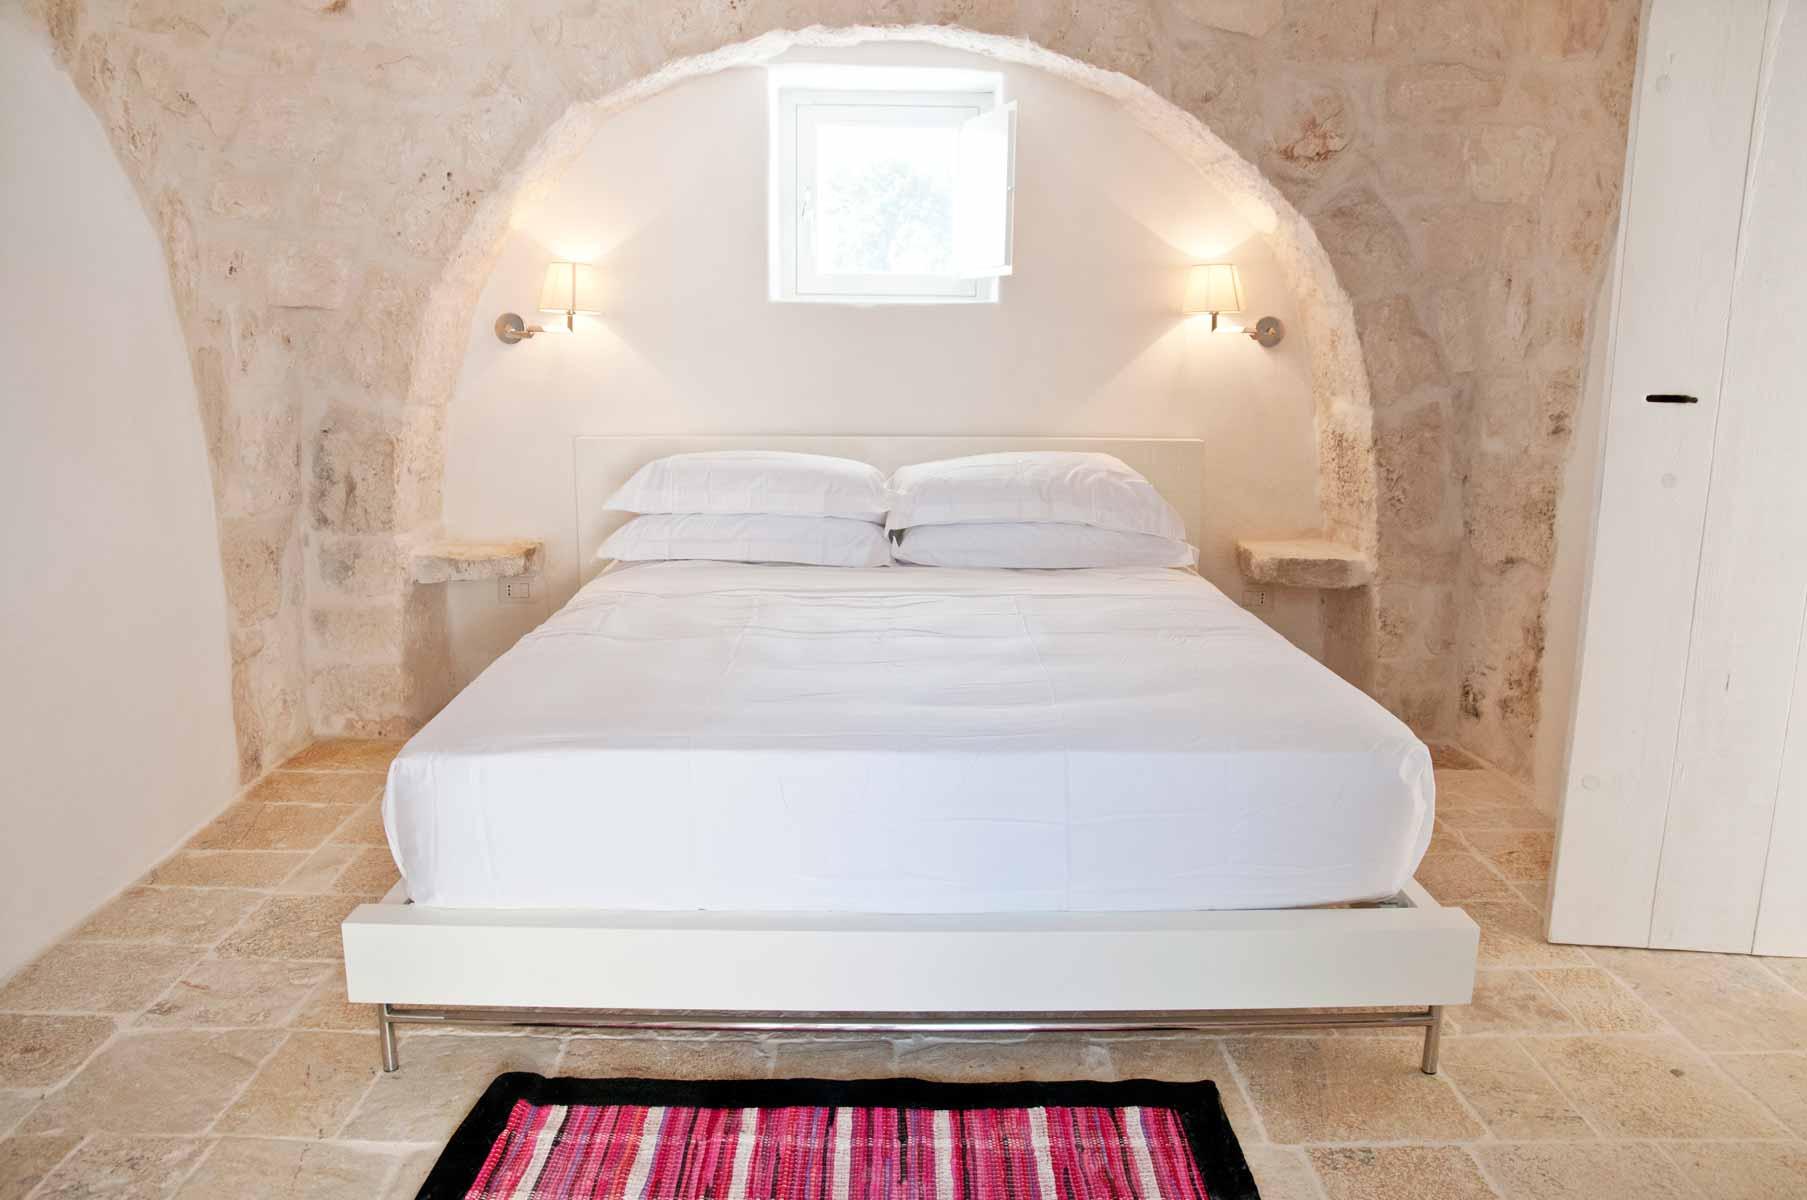 Bed in a trullo in Puglia